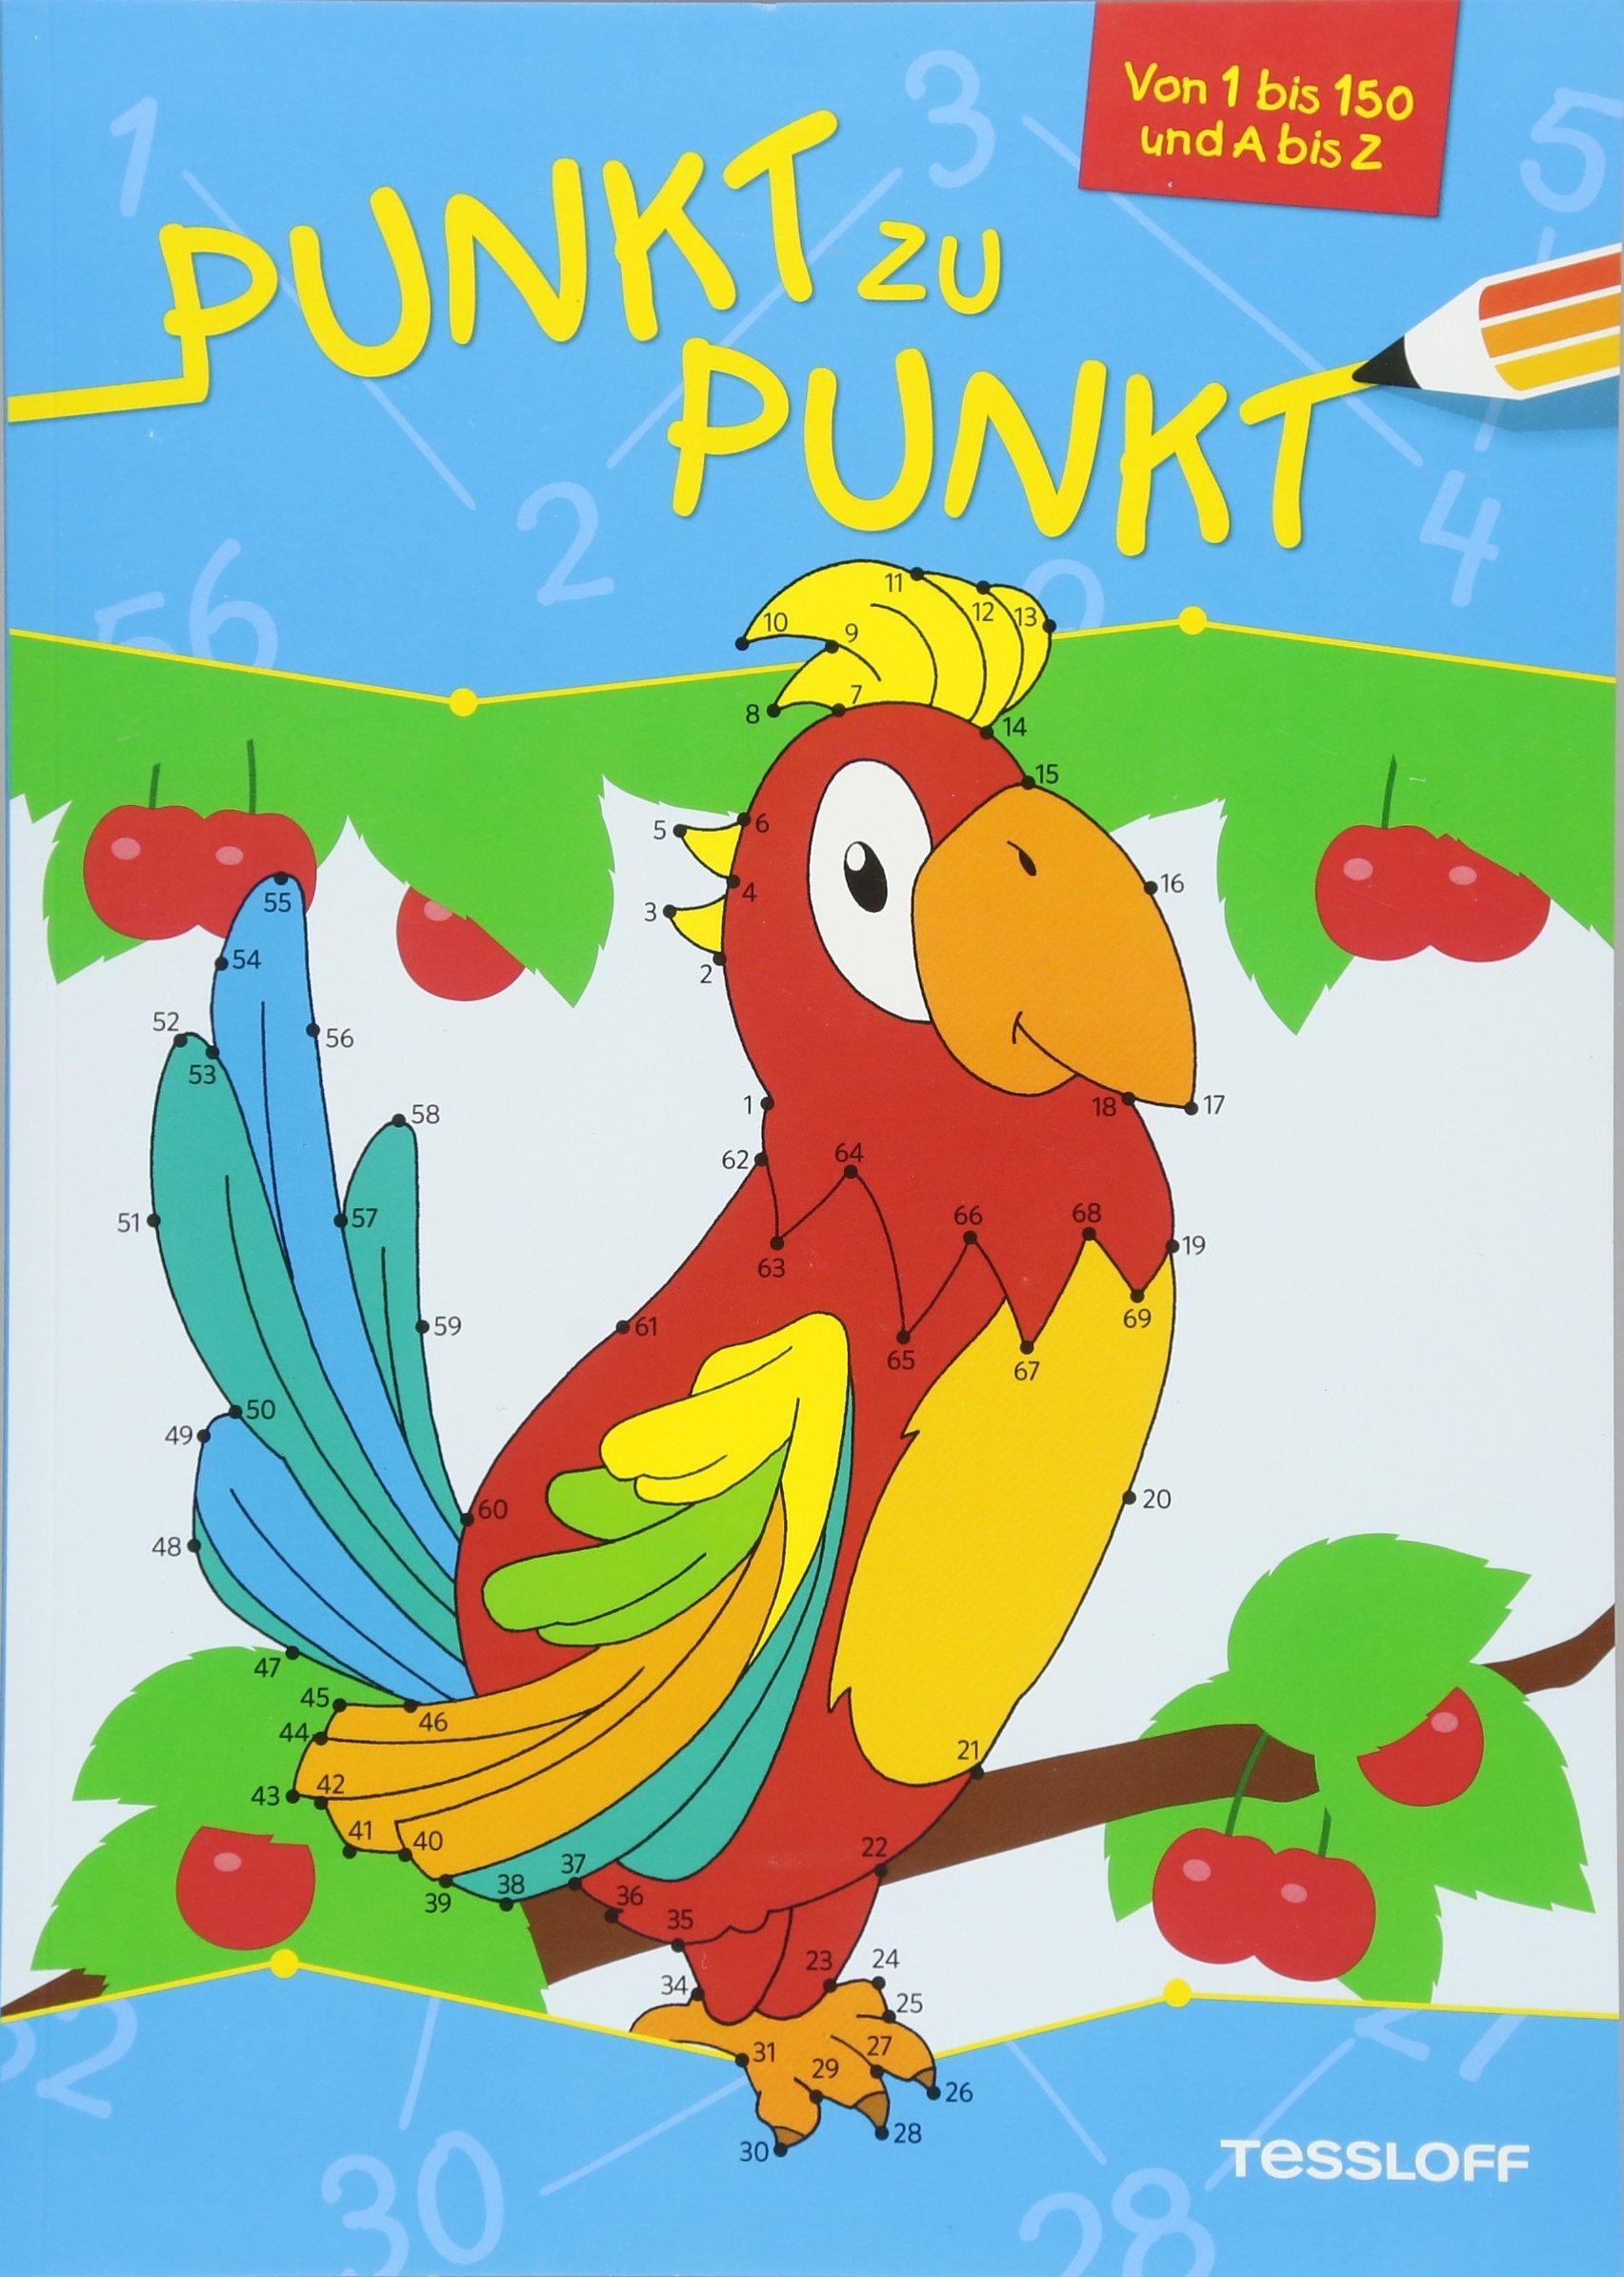 Punkt zu Punkt (Papagei): Von 1 bis 150 und A bis Z (Von Punkt zu Punkt)